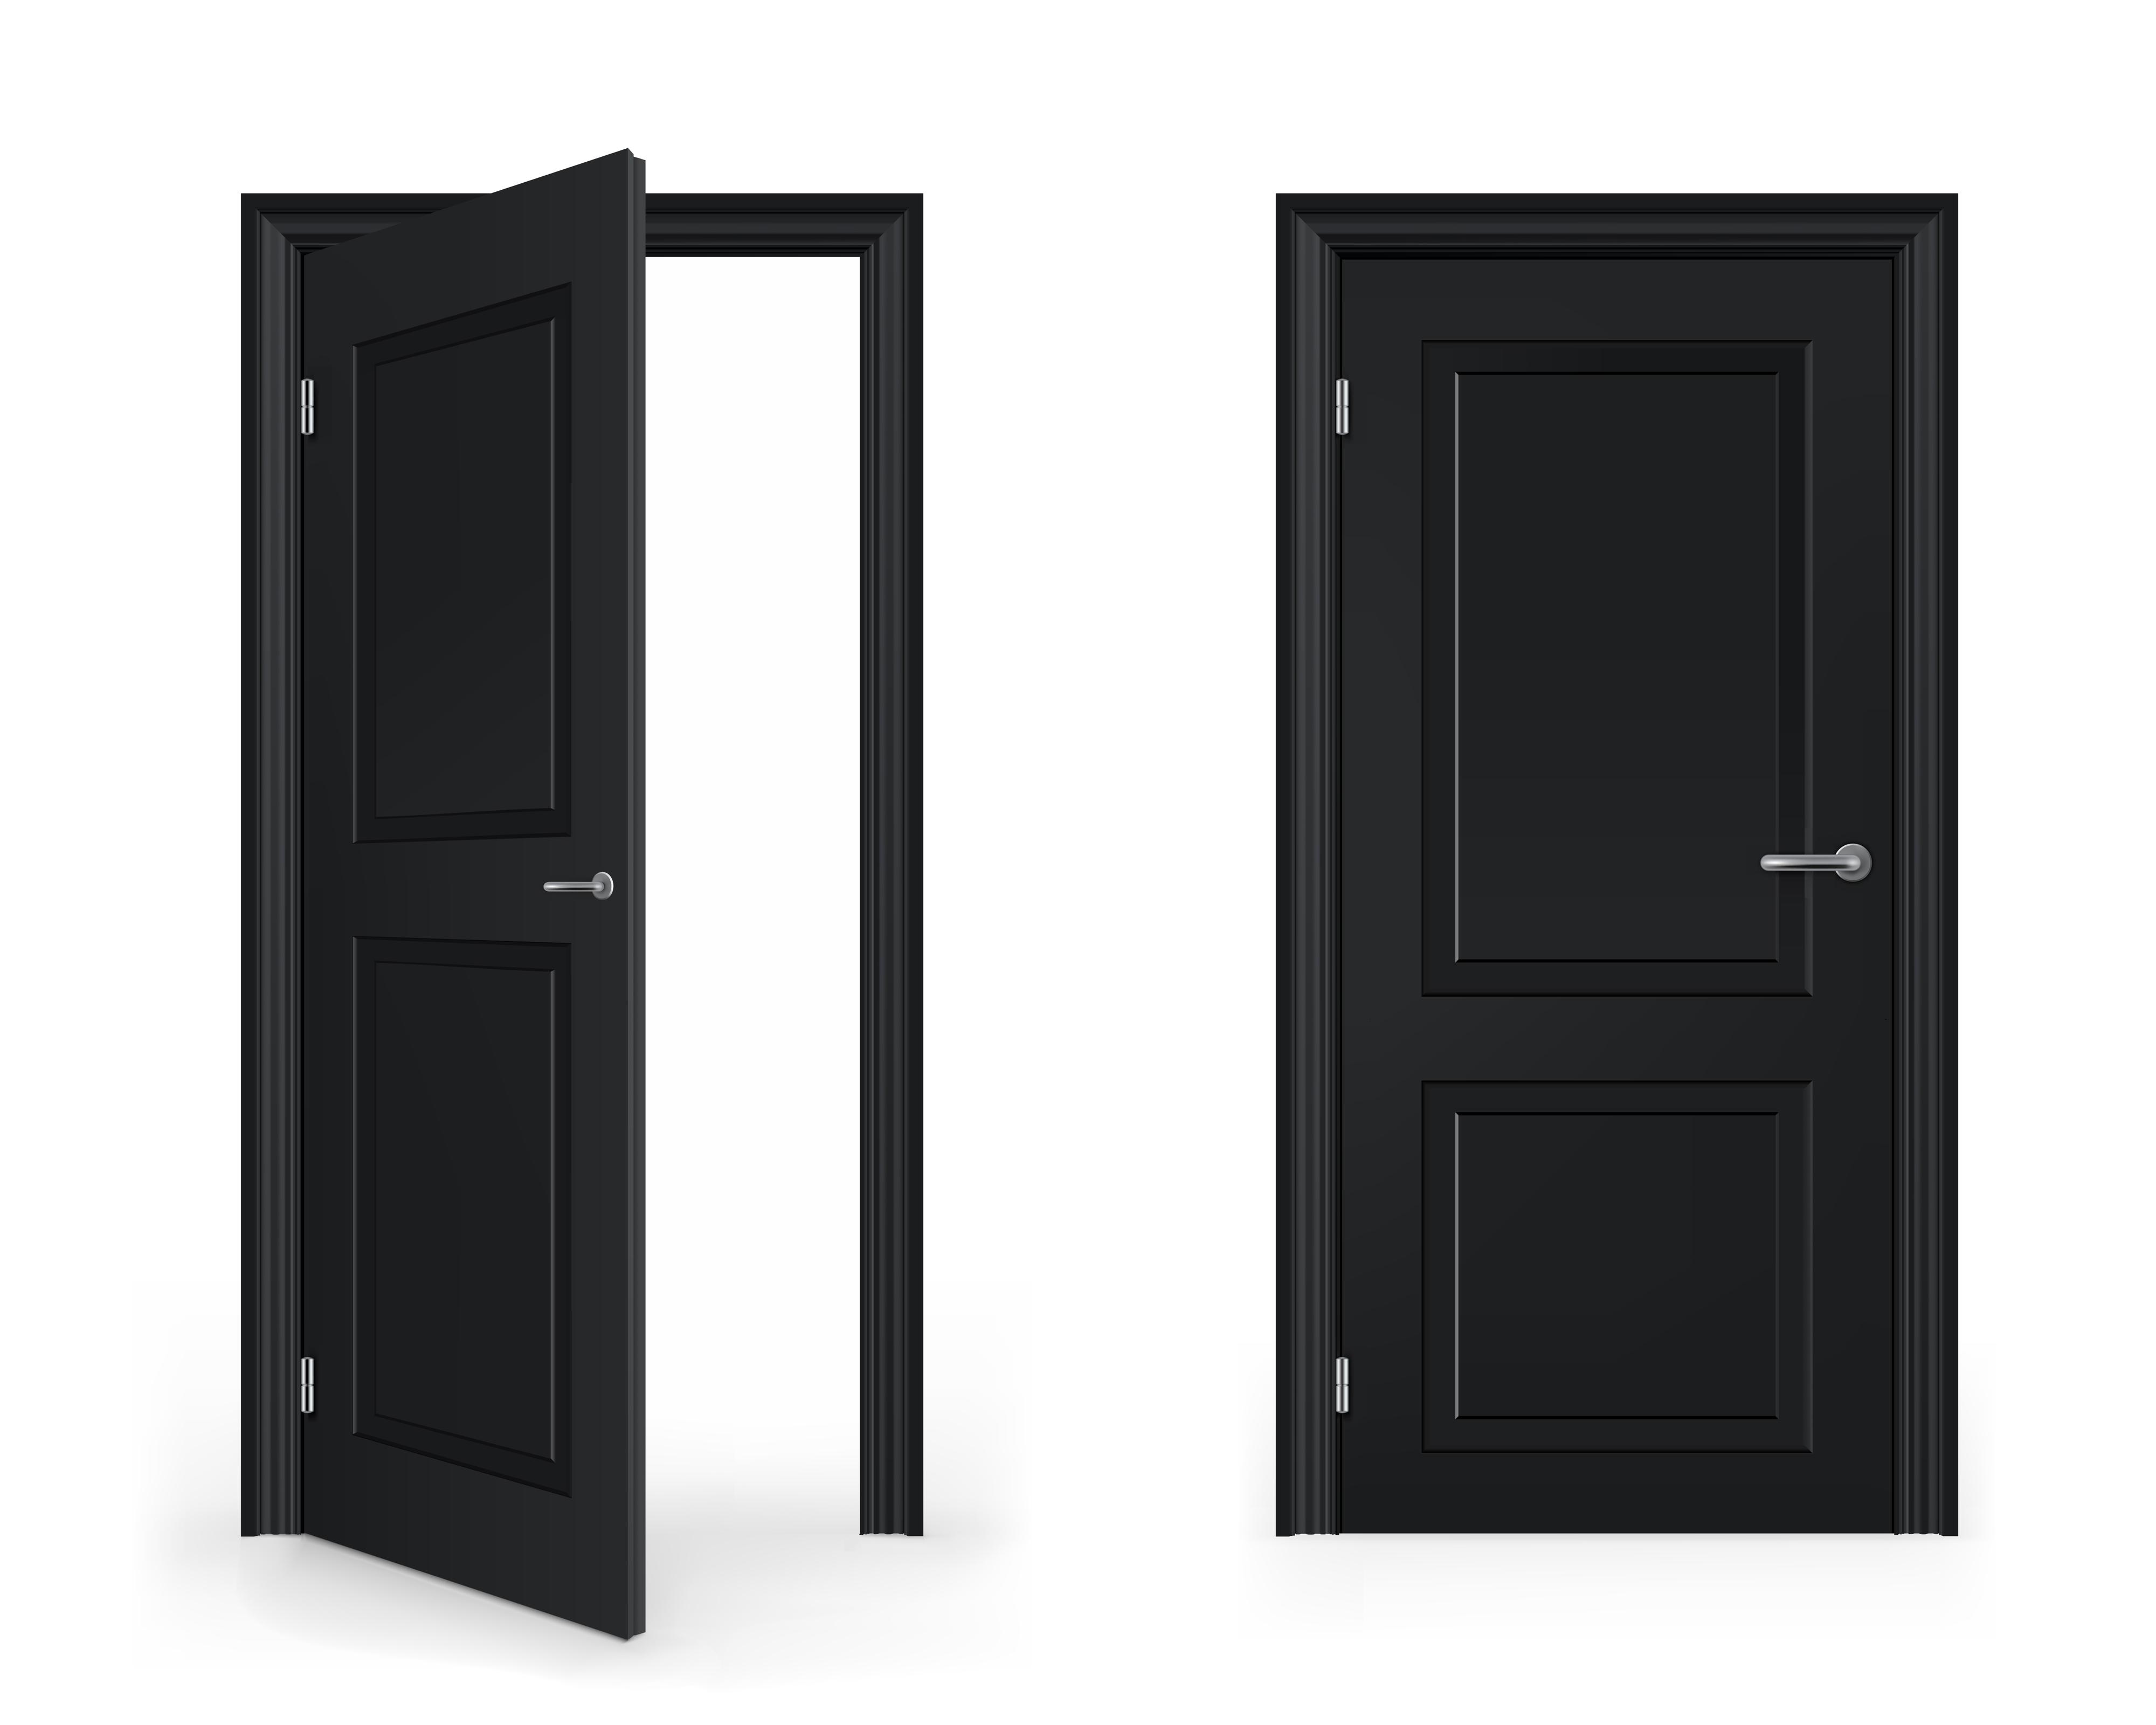 Closed - Door HD PNG